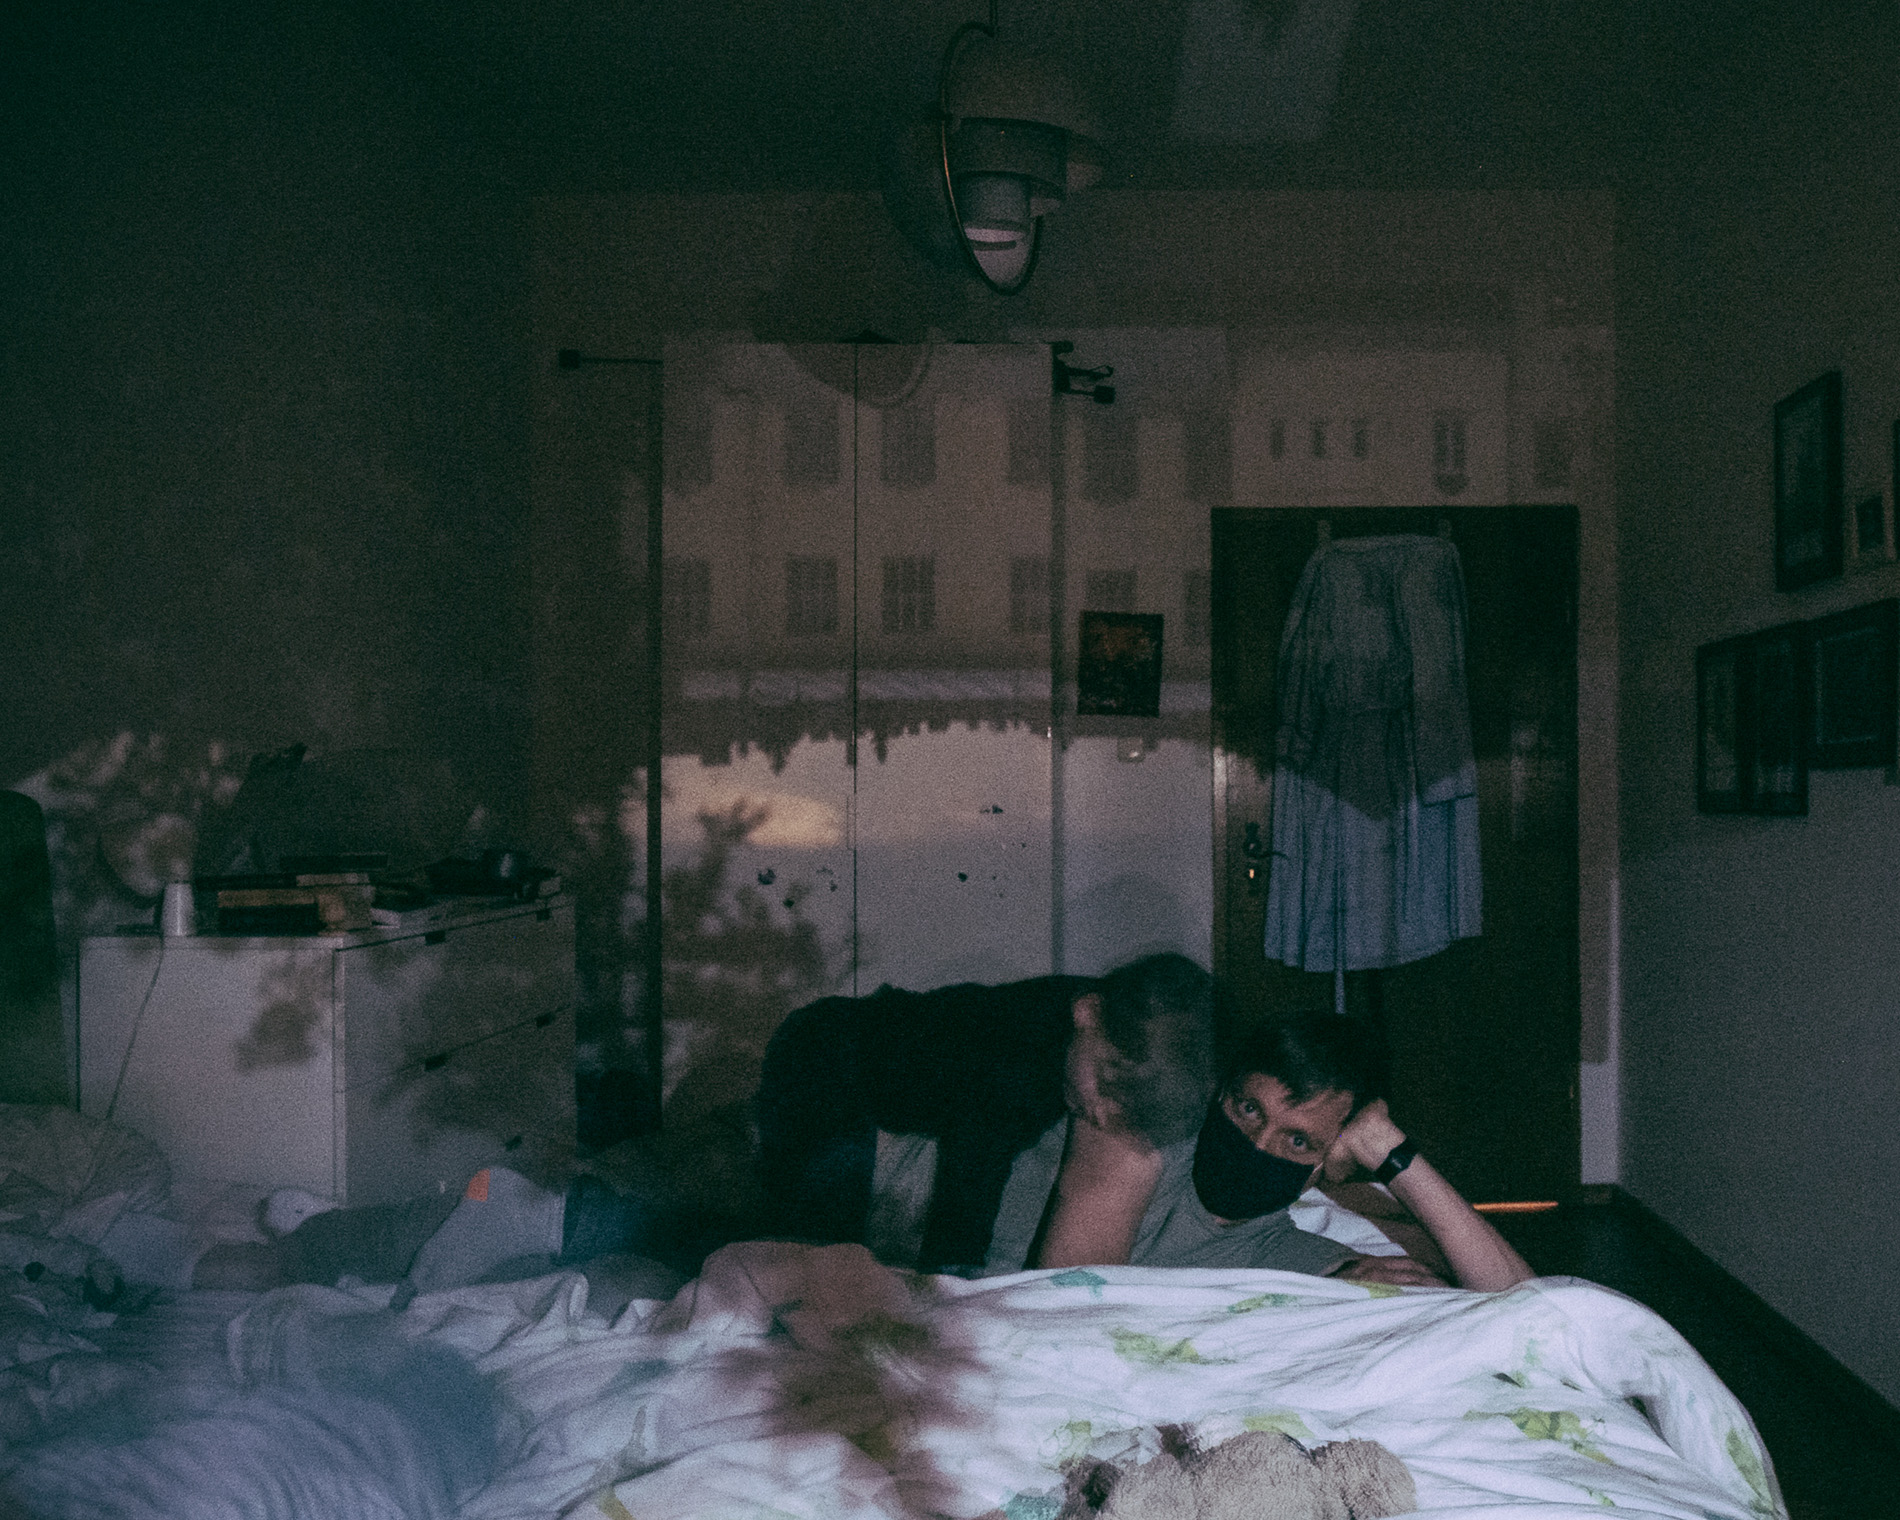 Fotograf Martin Martinsson har förvandlat sitt sovrum till ett camera obscura genom att täcka fönstren med papper och plast med en 2 cm stort hål där ljuset kommer in.